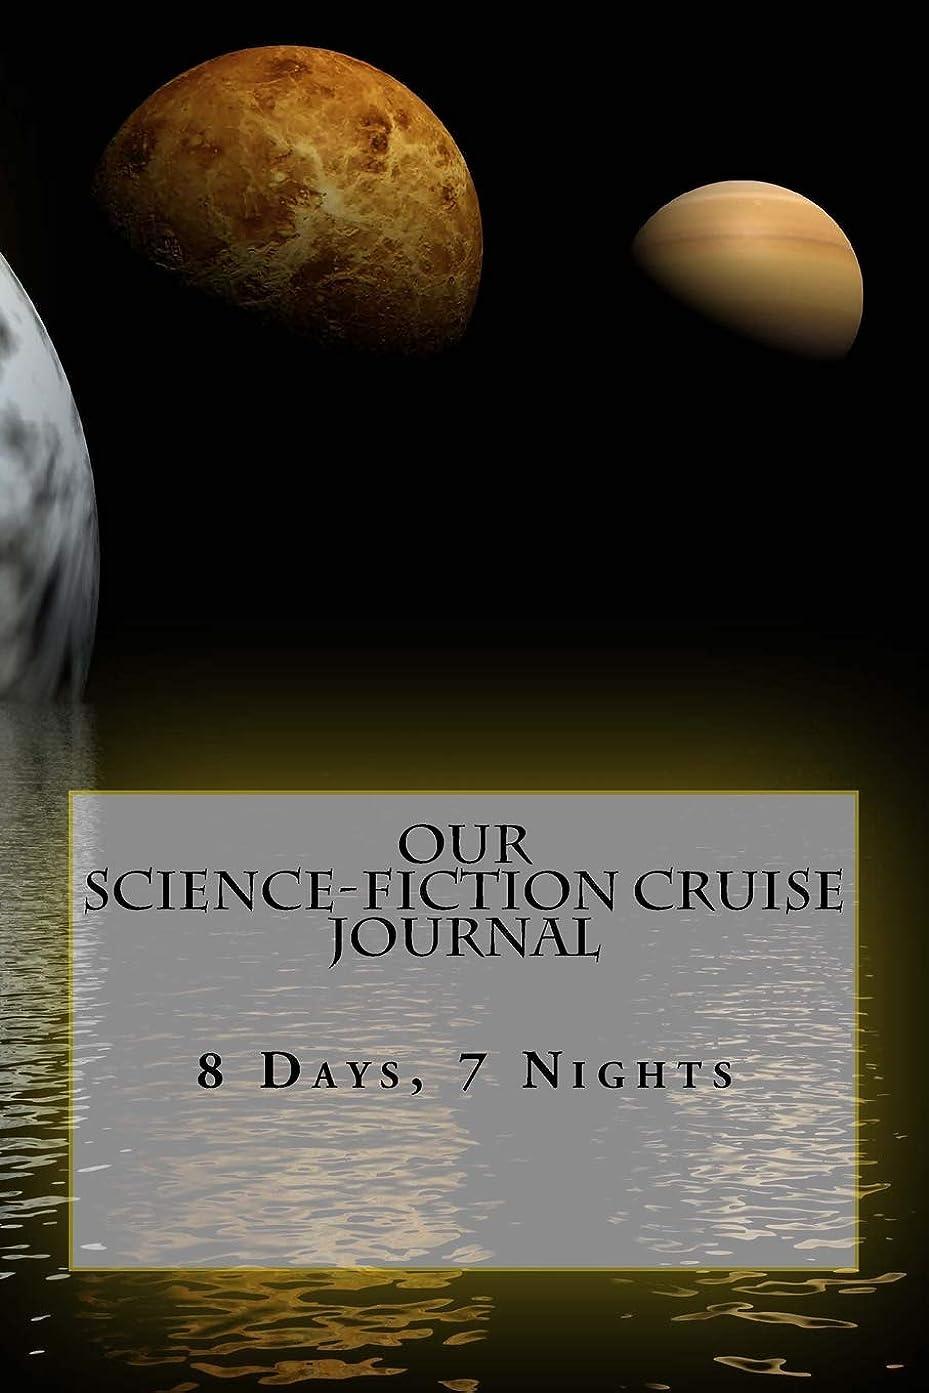 始まり聴覚障害者女性Our Science-Fiction Cruise Journal: 8 Days, 7 Nights (Journals For Your Life)